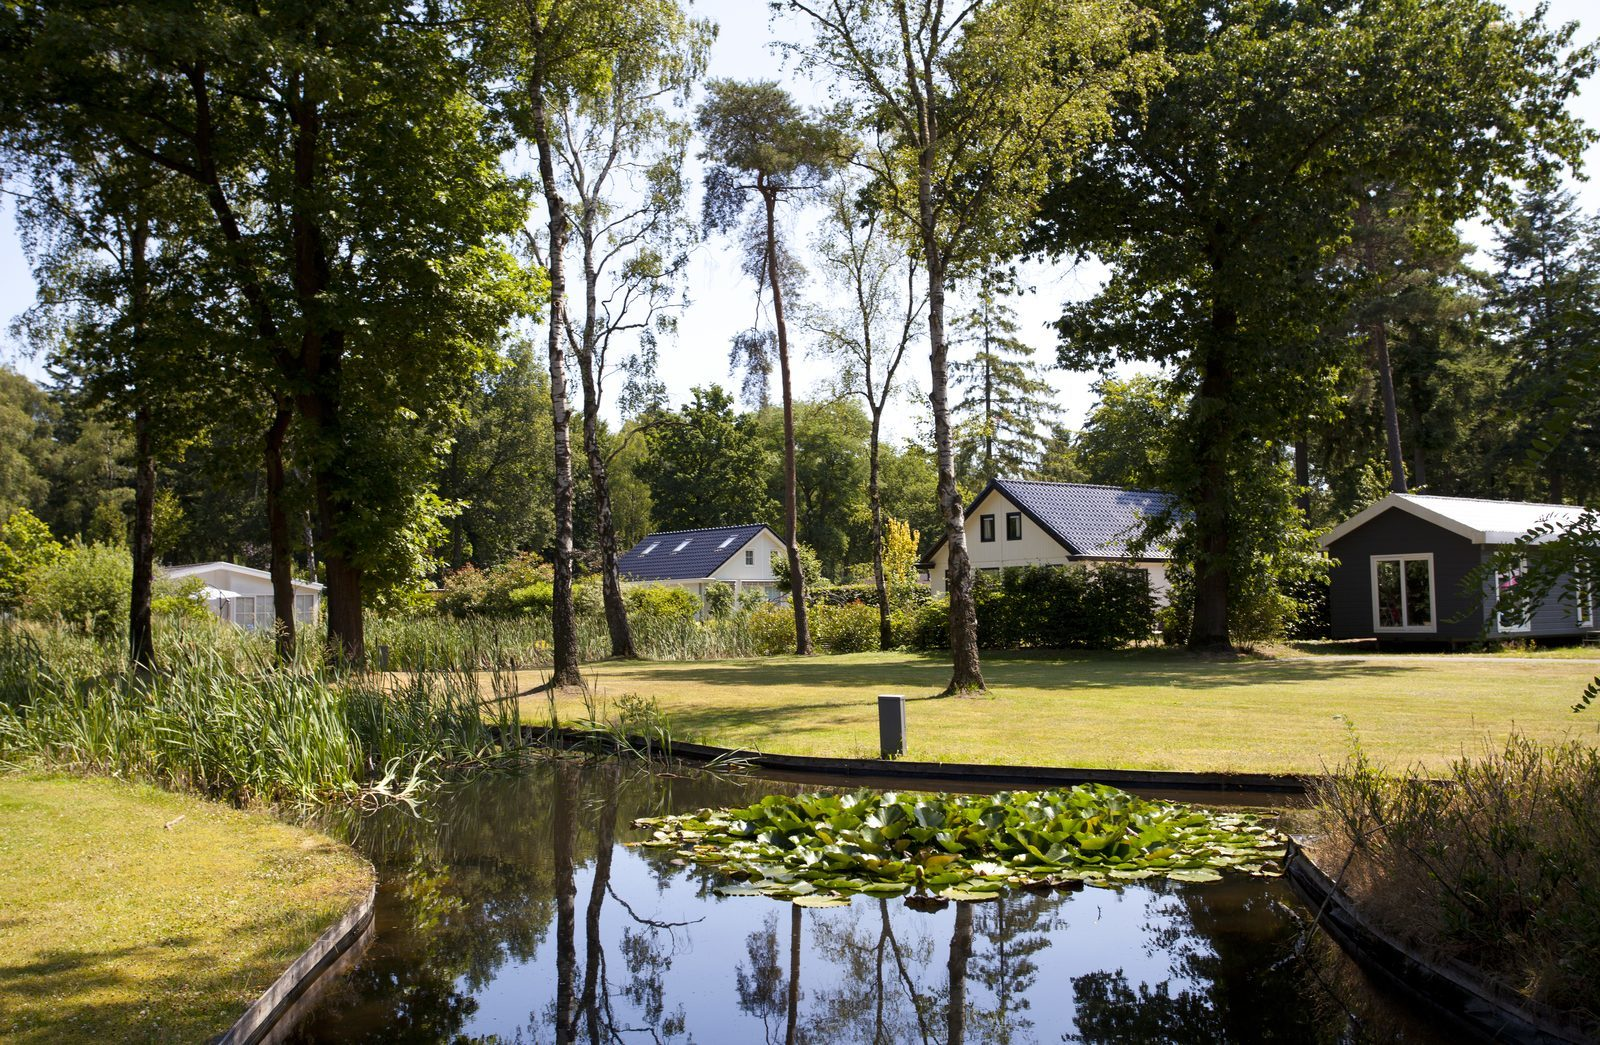 Ferienhaus in Gelderland